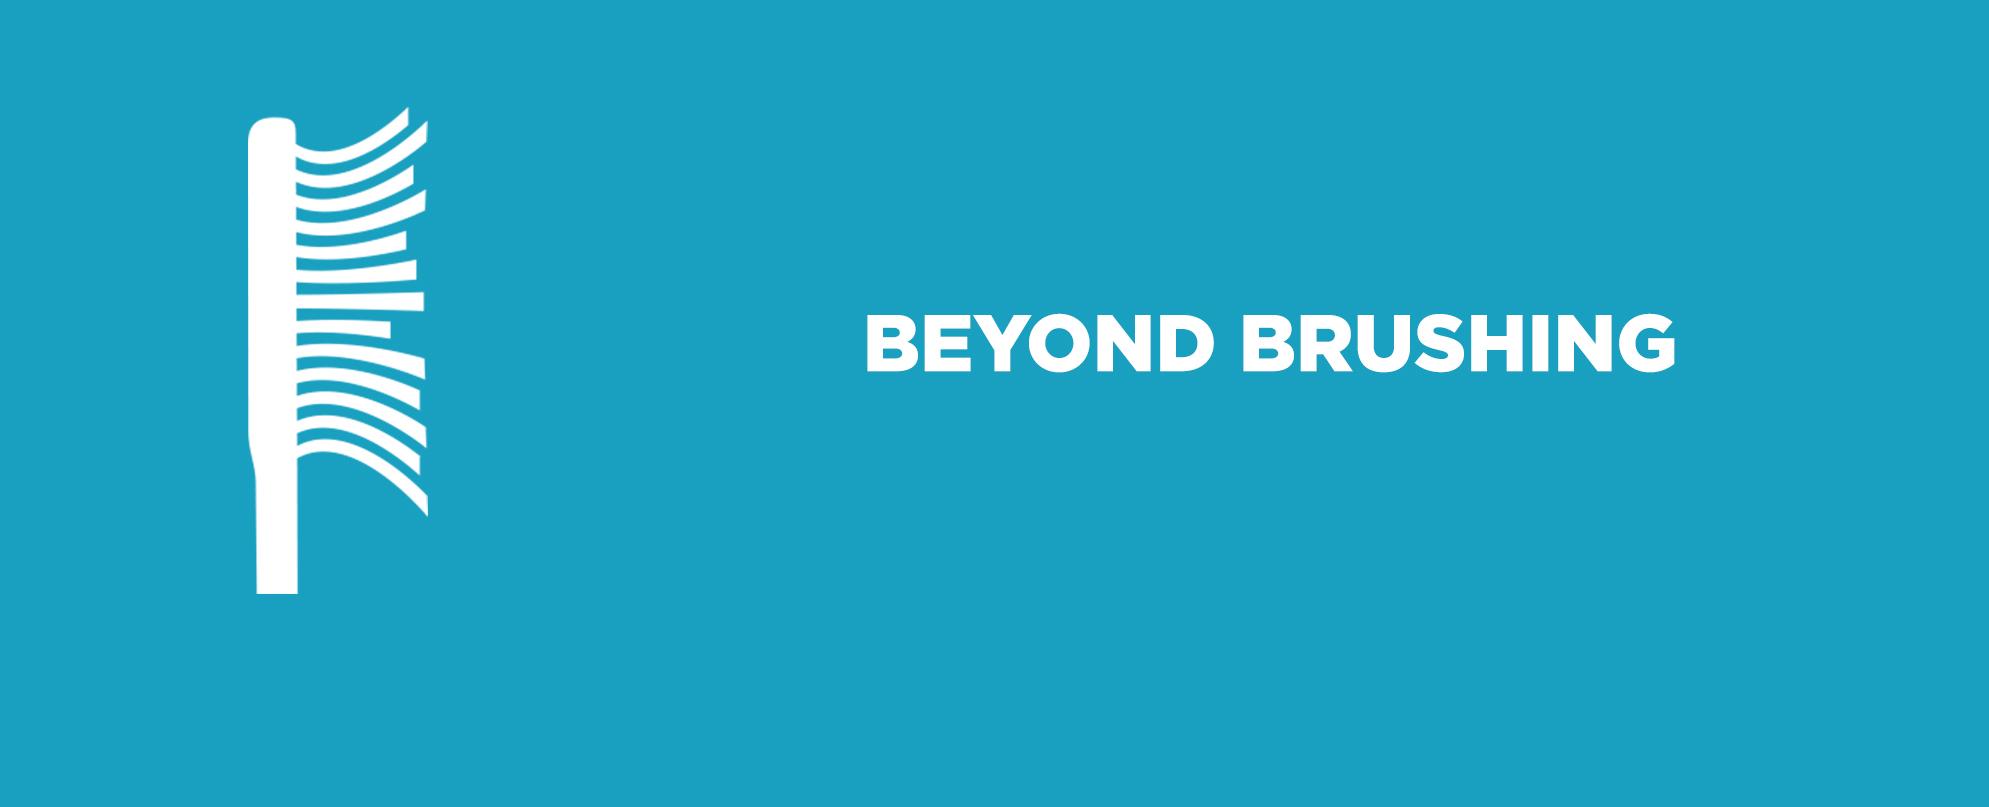 Beyond Brushing